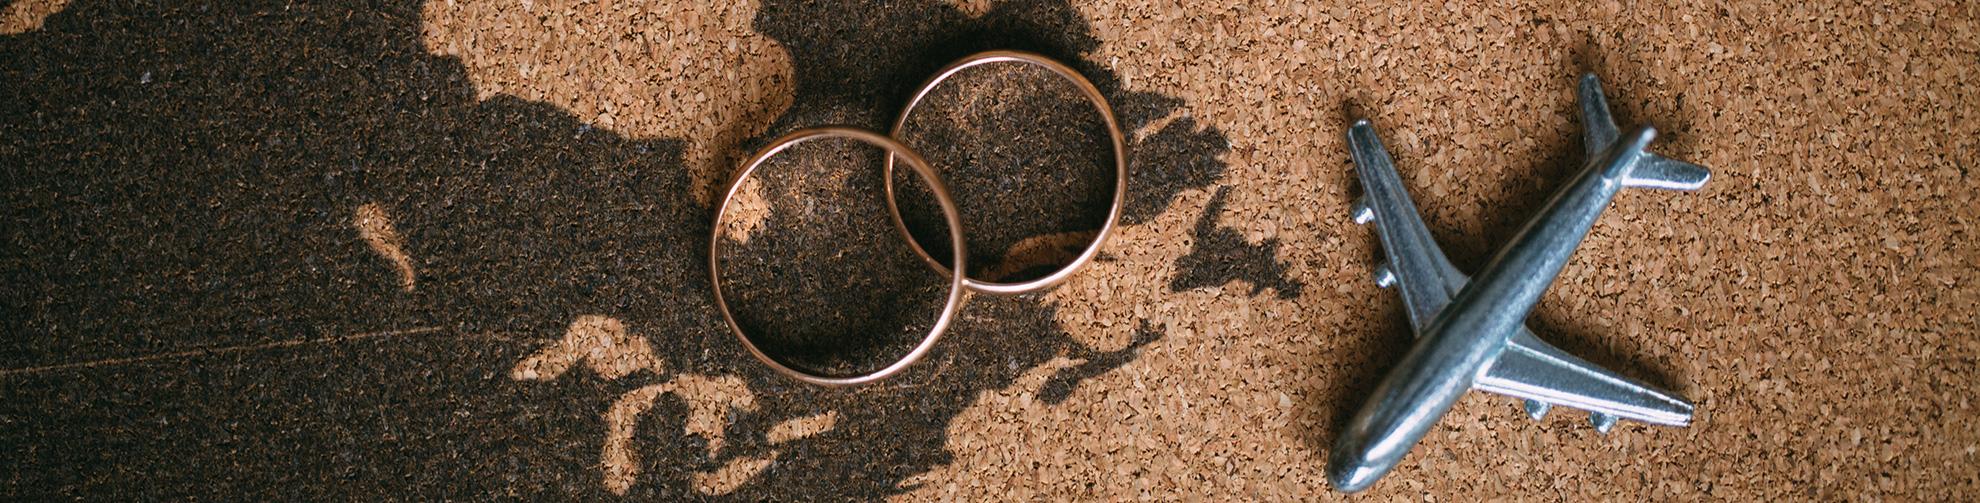 Noce de mariage